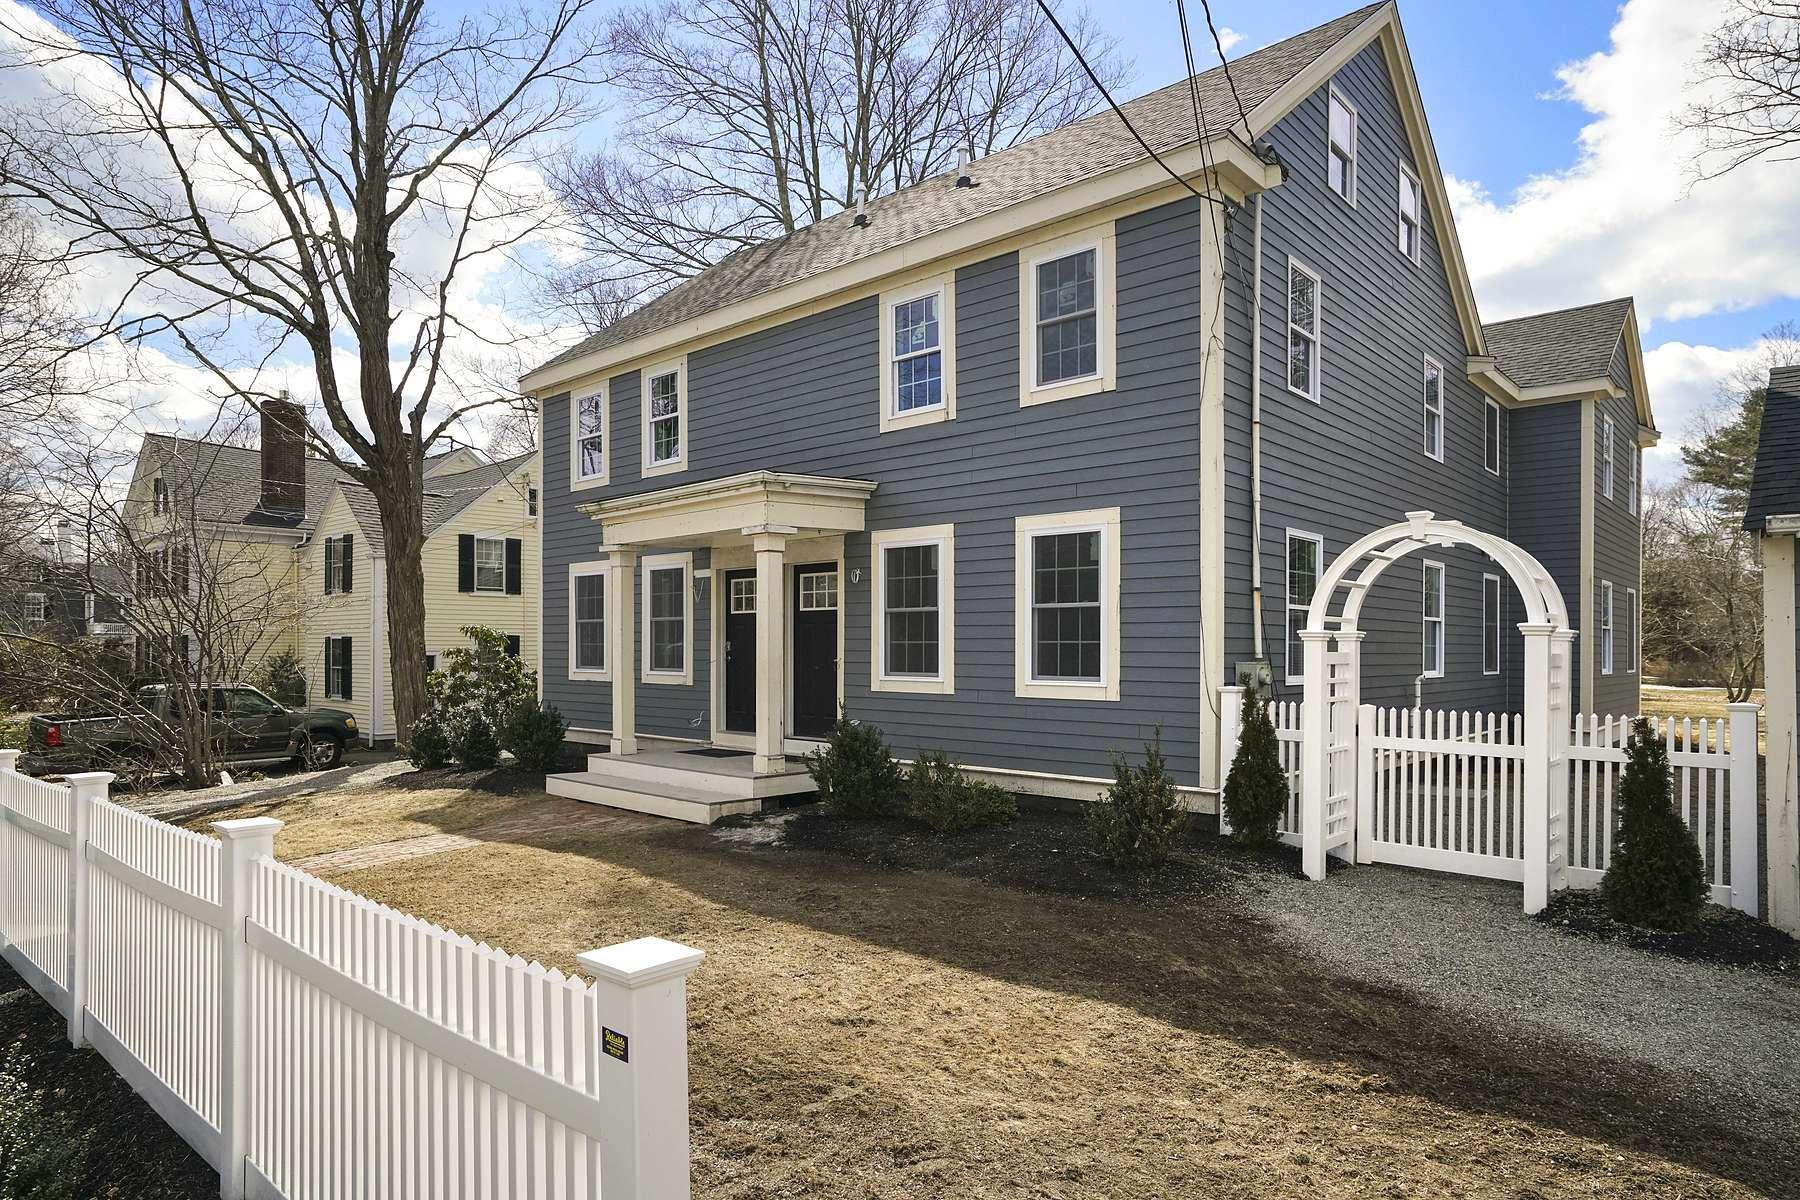 Condominium for Active at 216 Village Ave, Dedham 216 Village Avenue Unit 0 Dedham, Massachusetts 02026 United States